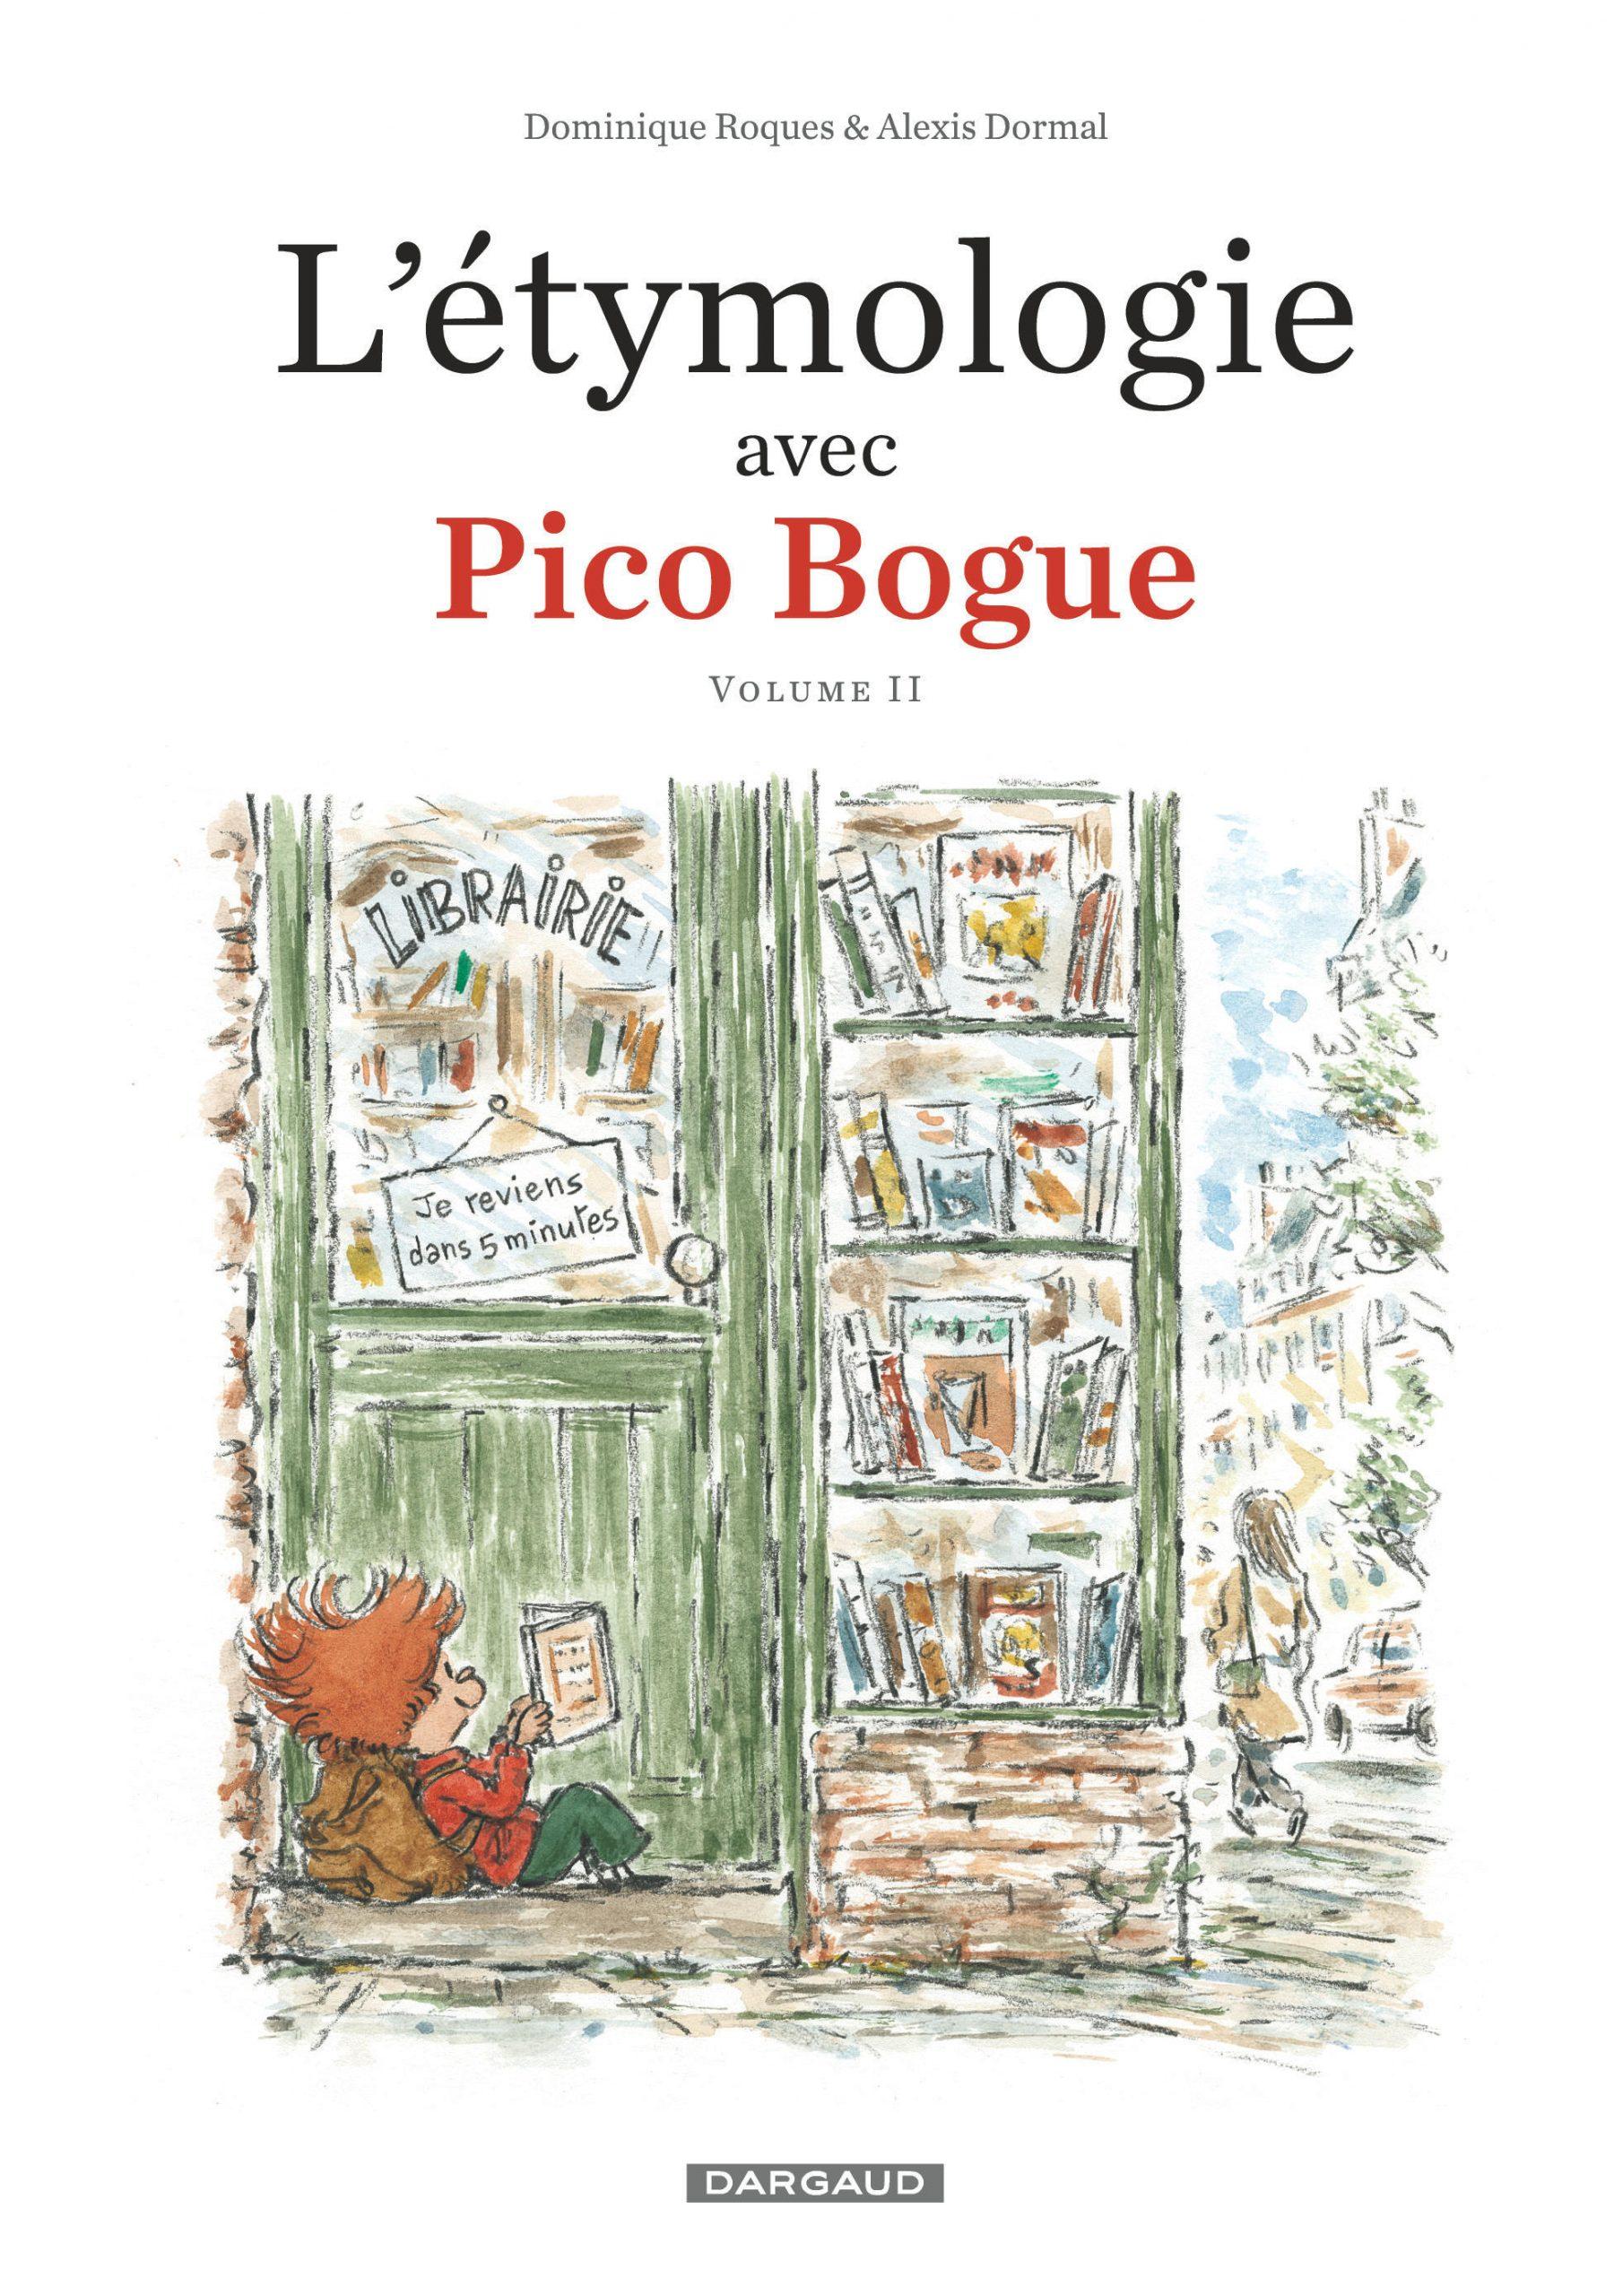 Première de couverture de la BD L'éthymologie avec Pico Bogue